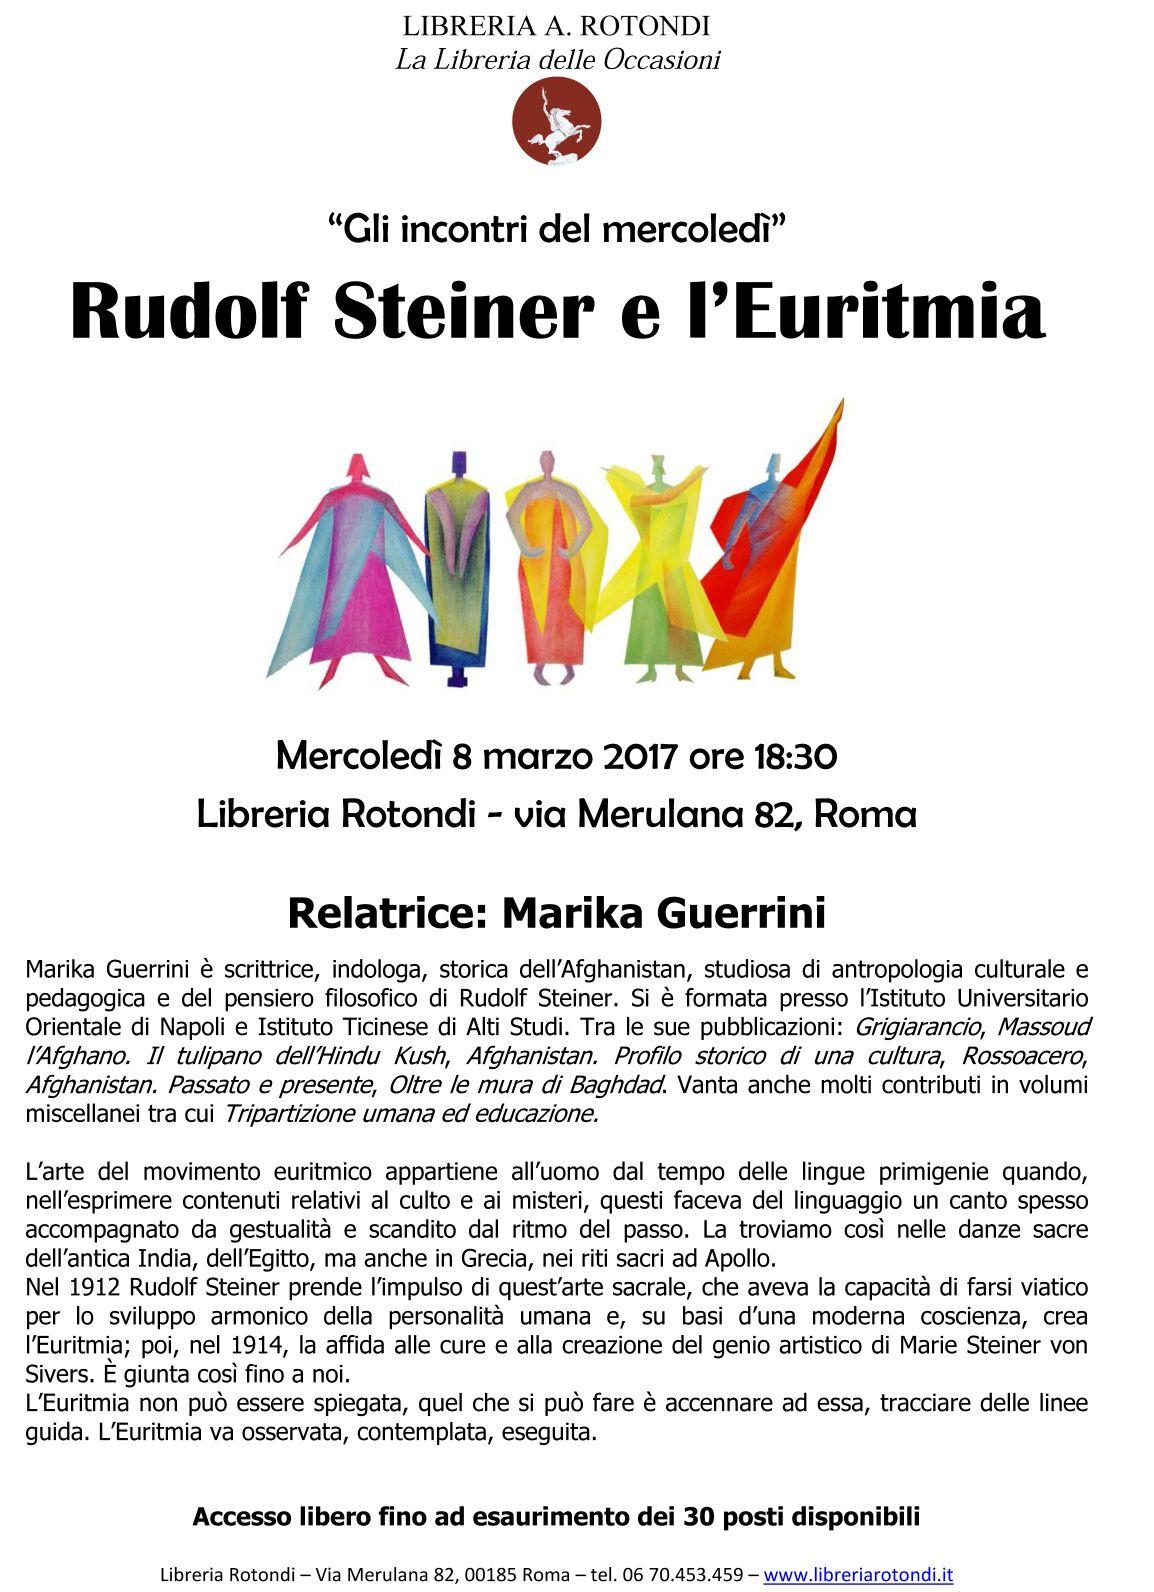 LIBRERIA ROTONDI- MERCOLEDi' 8 MARZO 2017 ore 18,30 si è tenuta la conferenza